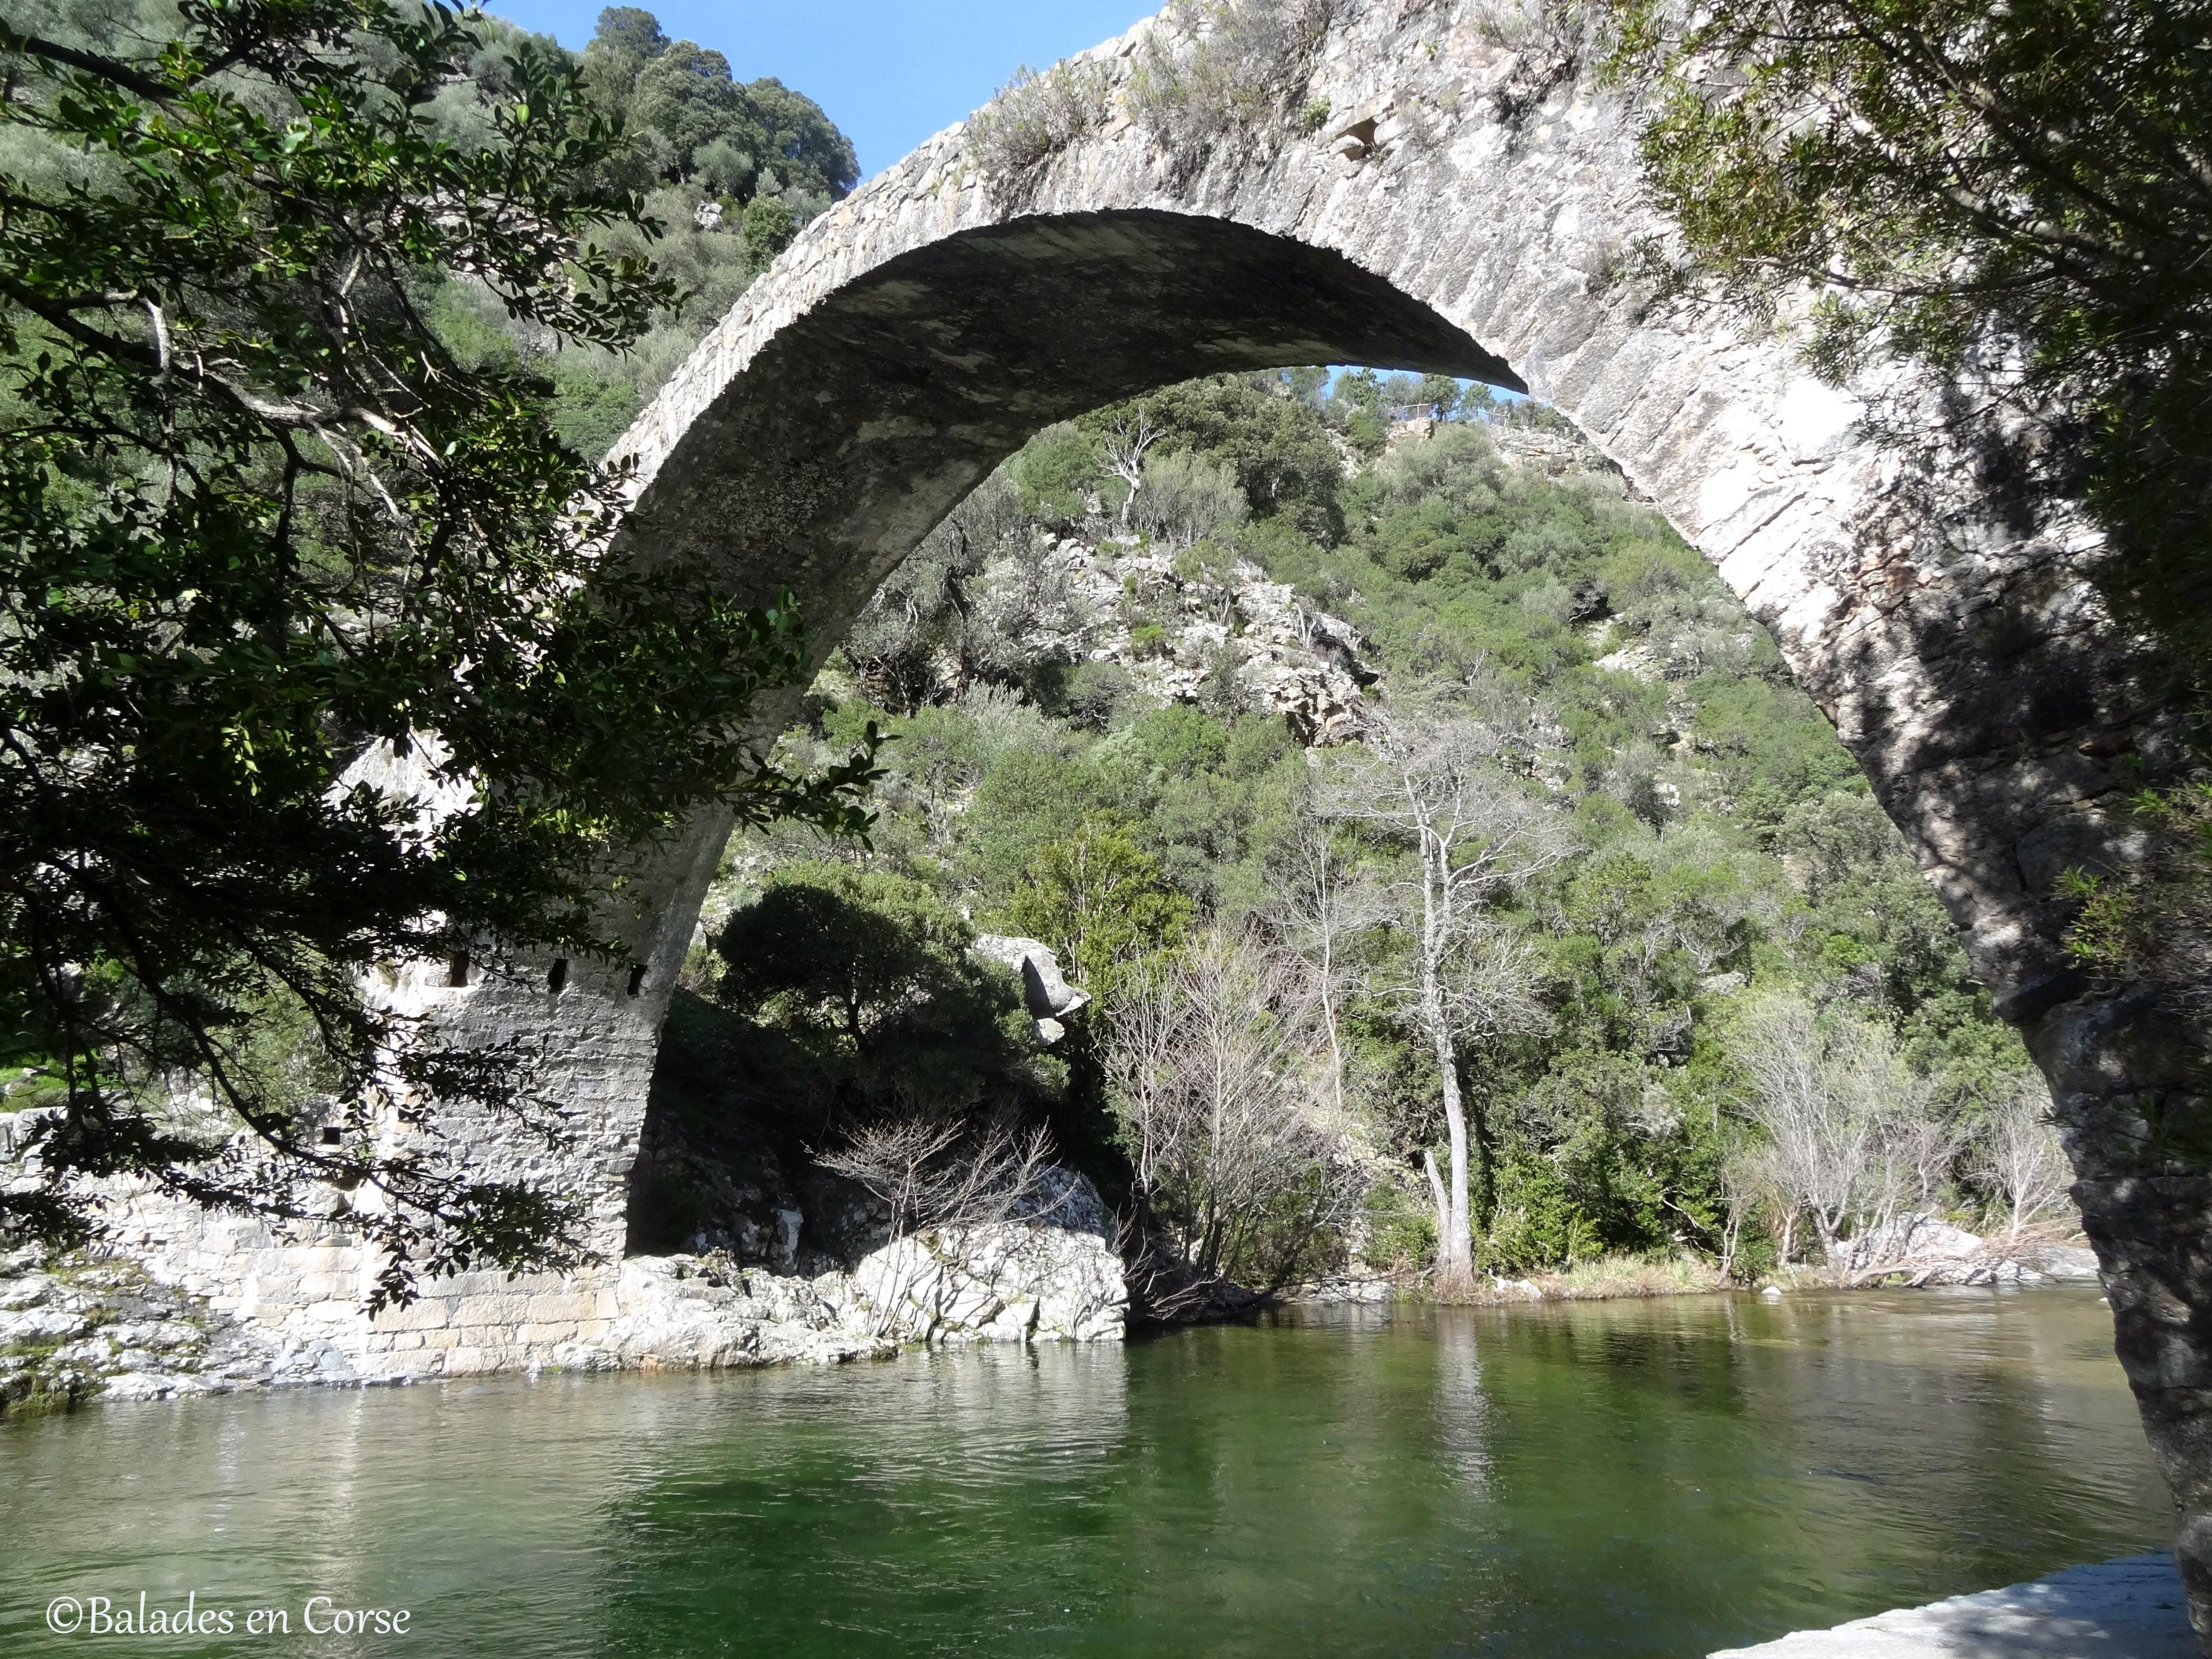 Balades en Corse | Ota